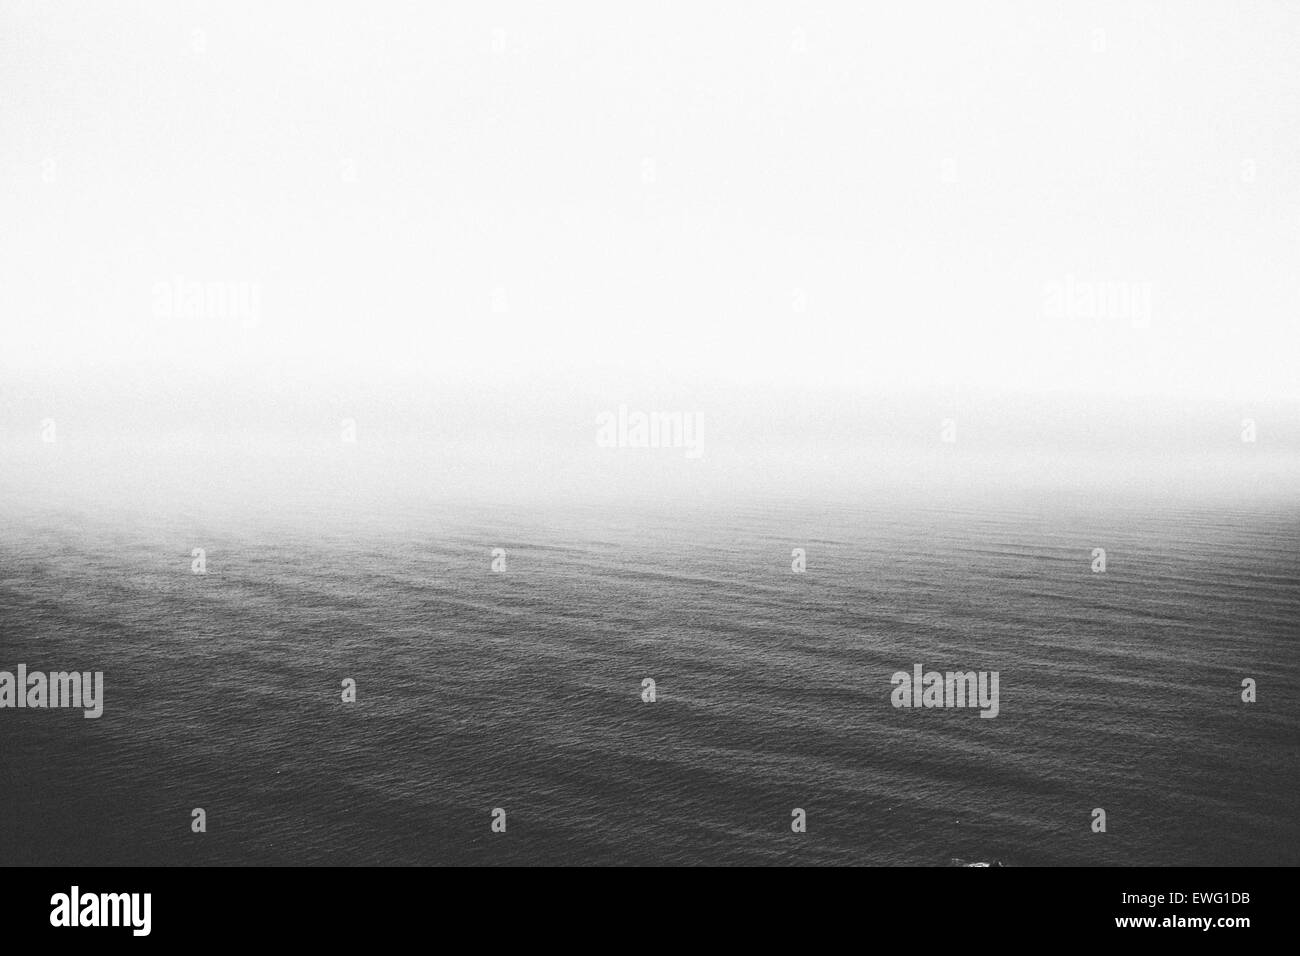 Ouvrir l'eau de l'océan l'eau minimaliste monochrome noir et blanc, les vagues de l'océan Photo Stock